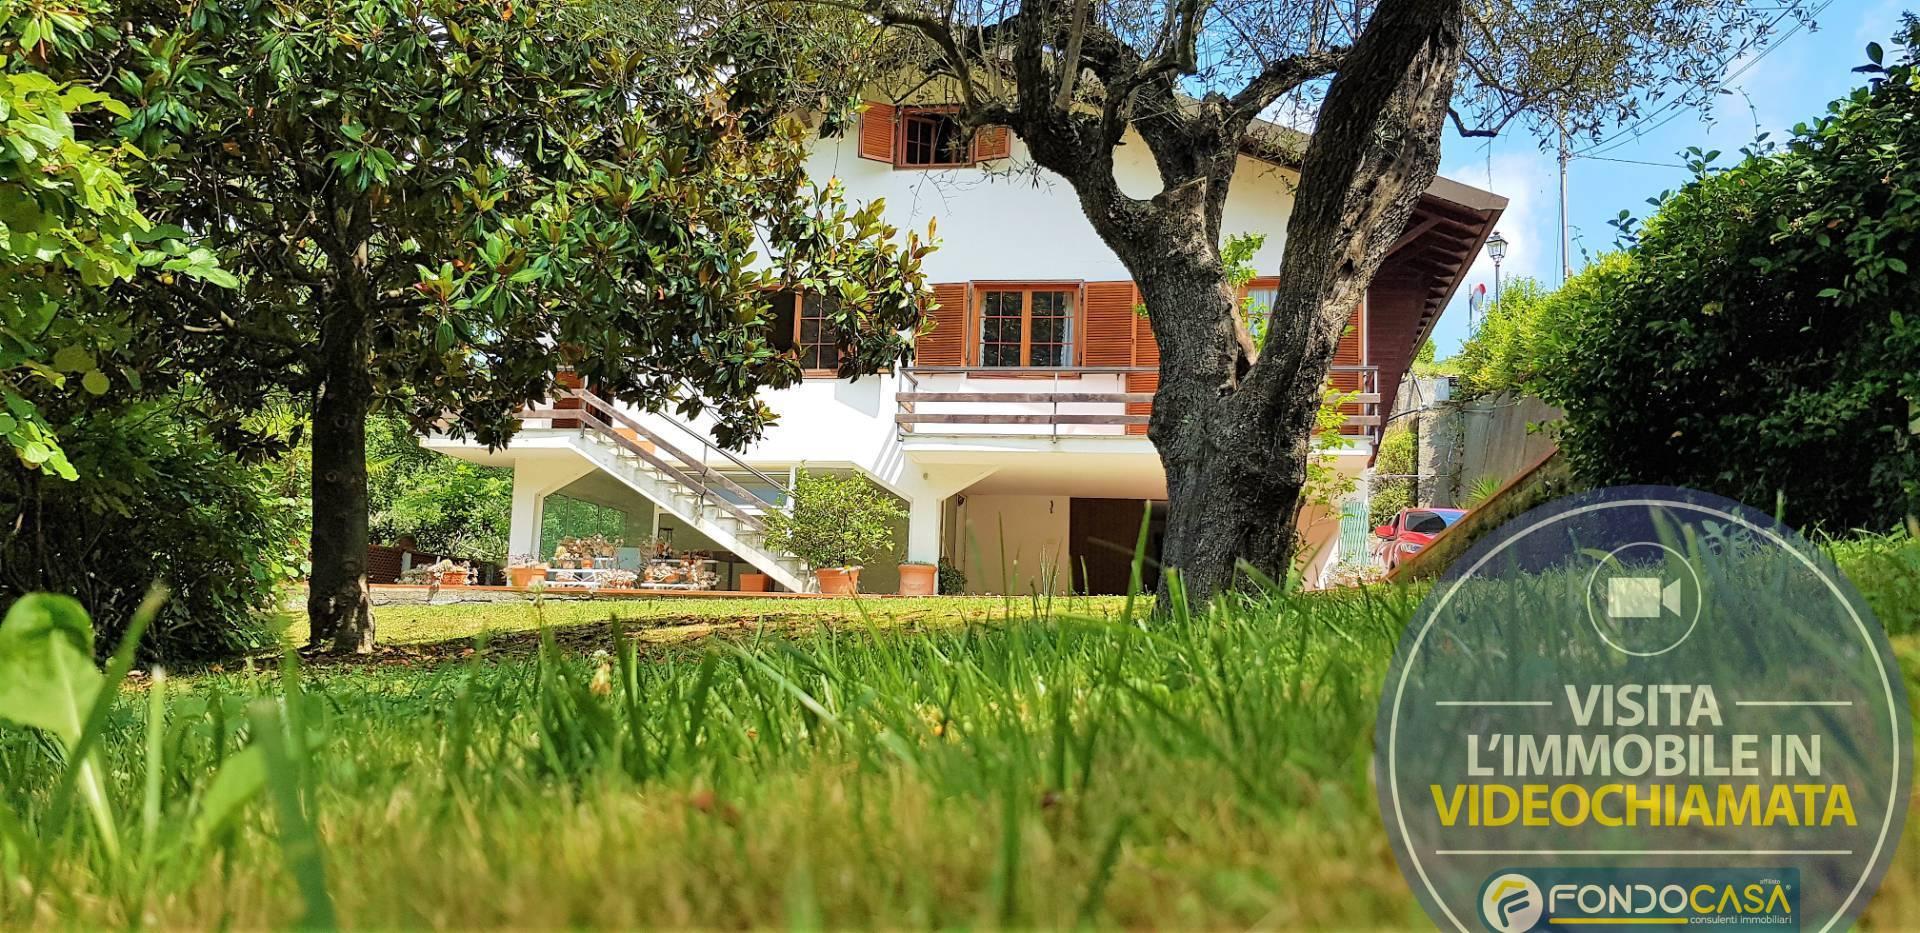 Villa in vendita a Ortovero, 5 locali, zona Zona: Pogli, prezzo € 220.000   CambioCasa.it